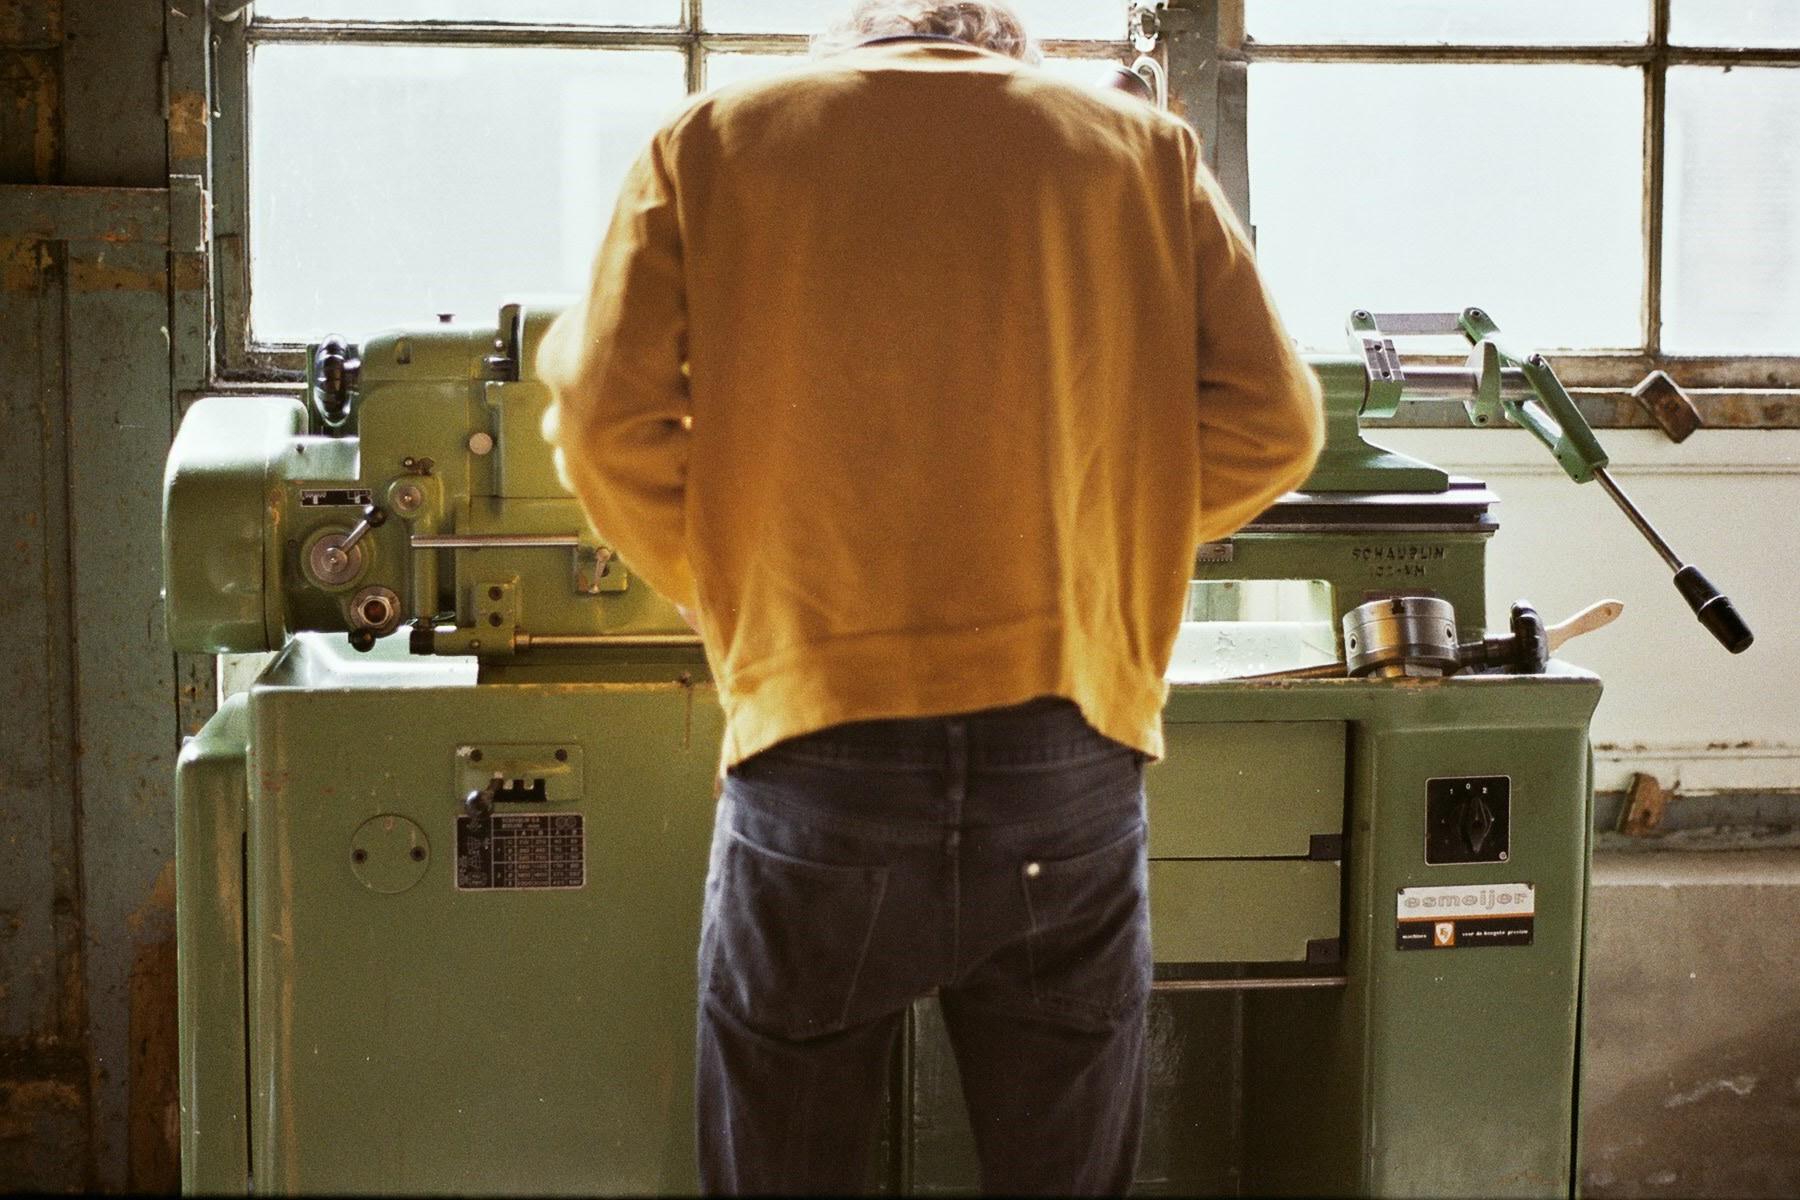 Laurens de Rijke at work behind his '64 Schaublin Lathe.